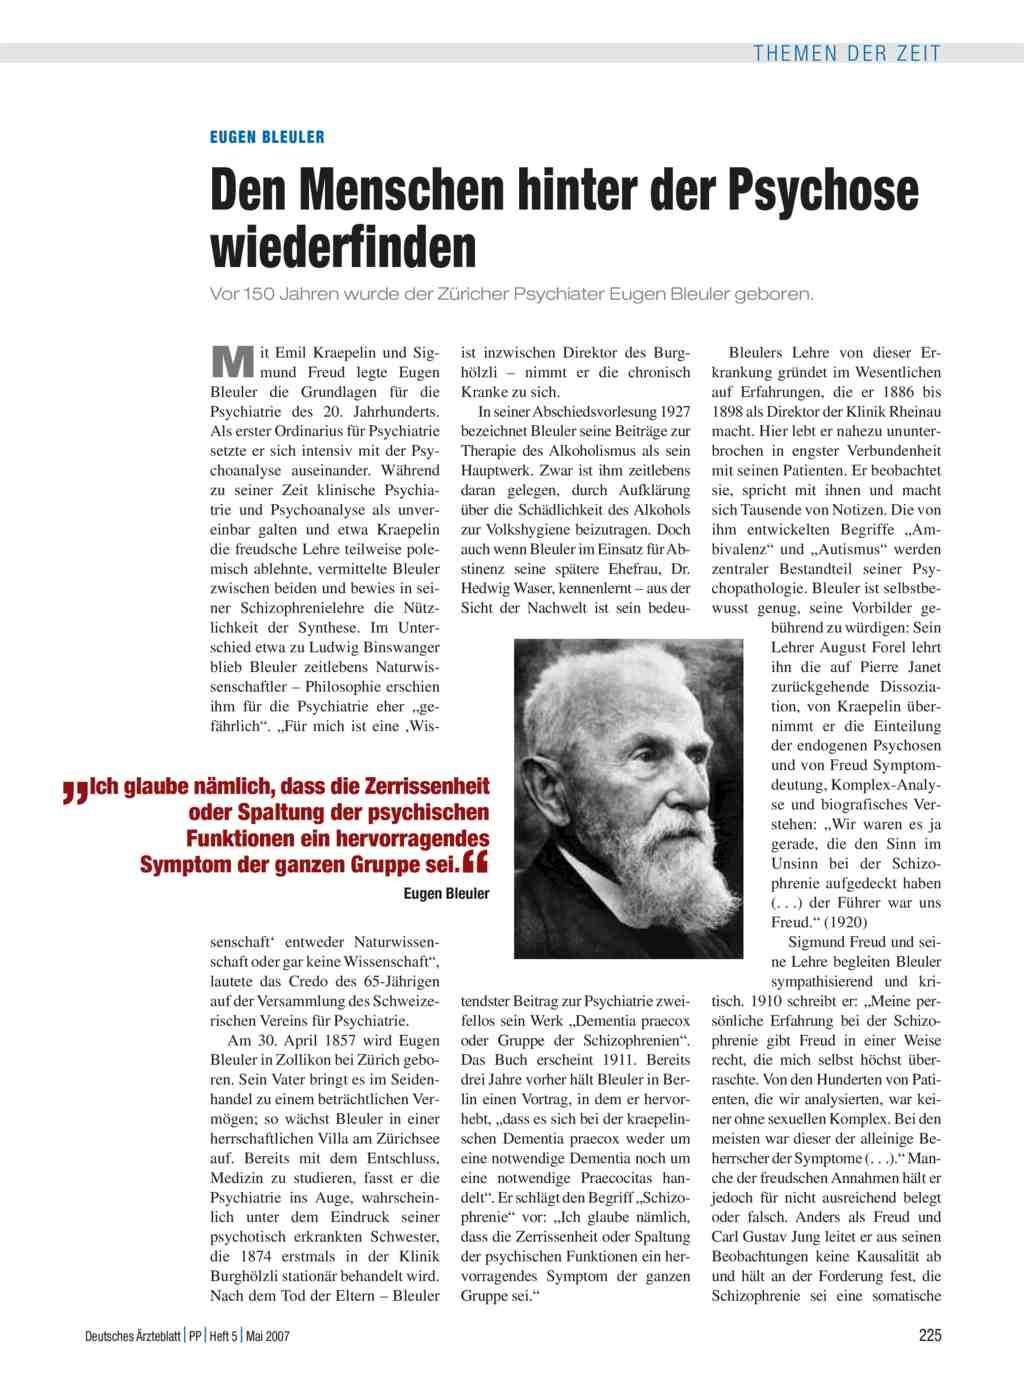 Eugen Bleuler: Den Menschen hinter der Psychose wiederfinden